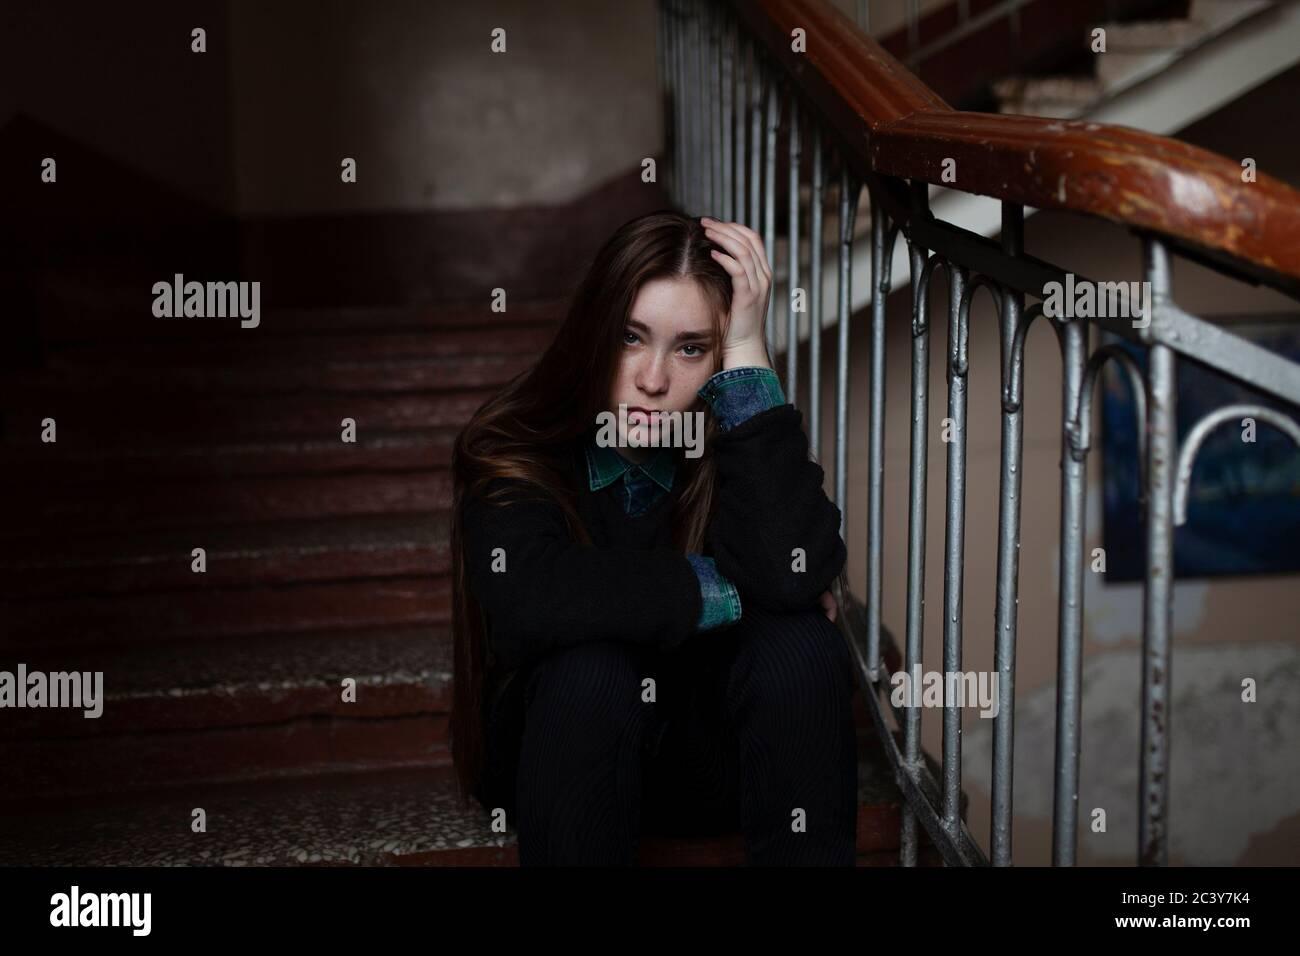 Retrato de mujer joven sentada en las escaleras Foto de stock